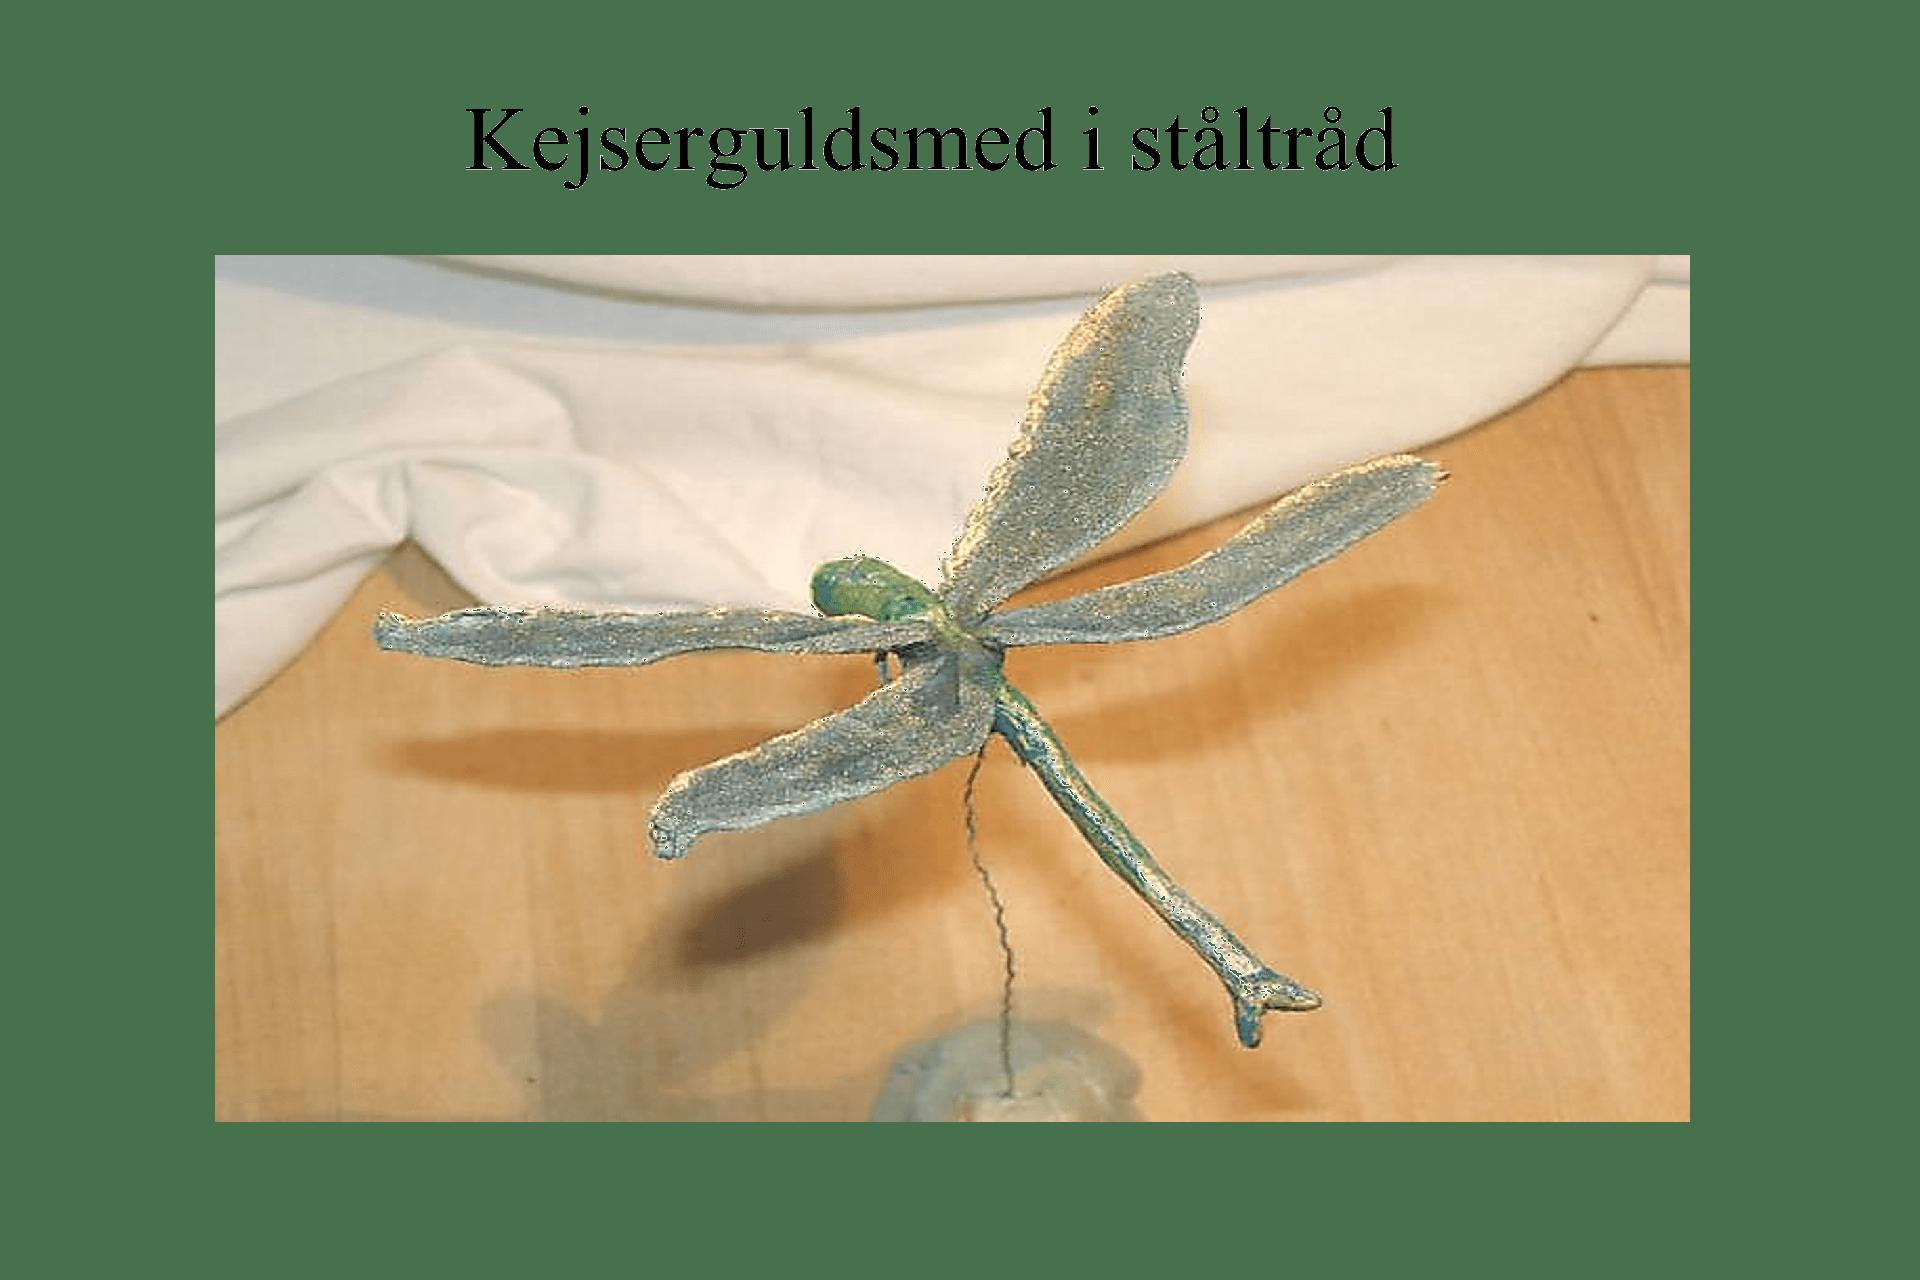 Flyvende insekter model ståltråd med fod ©Kanobi®